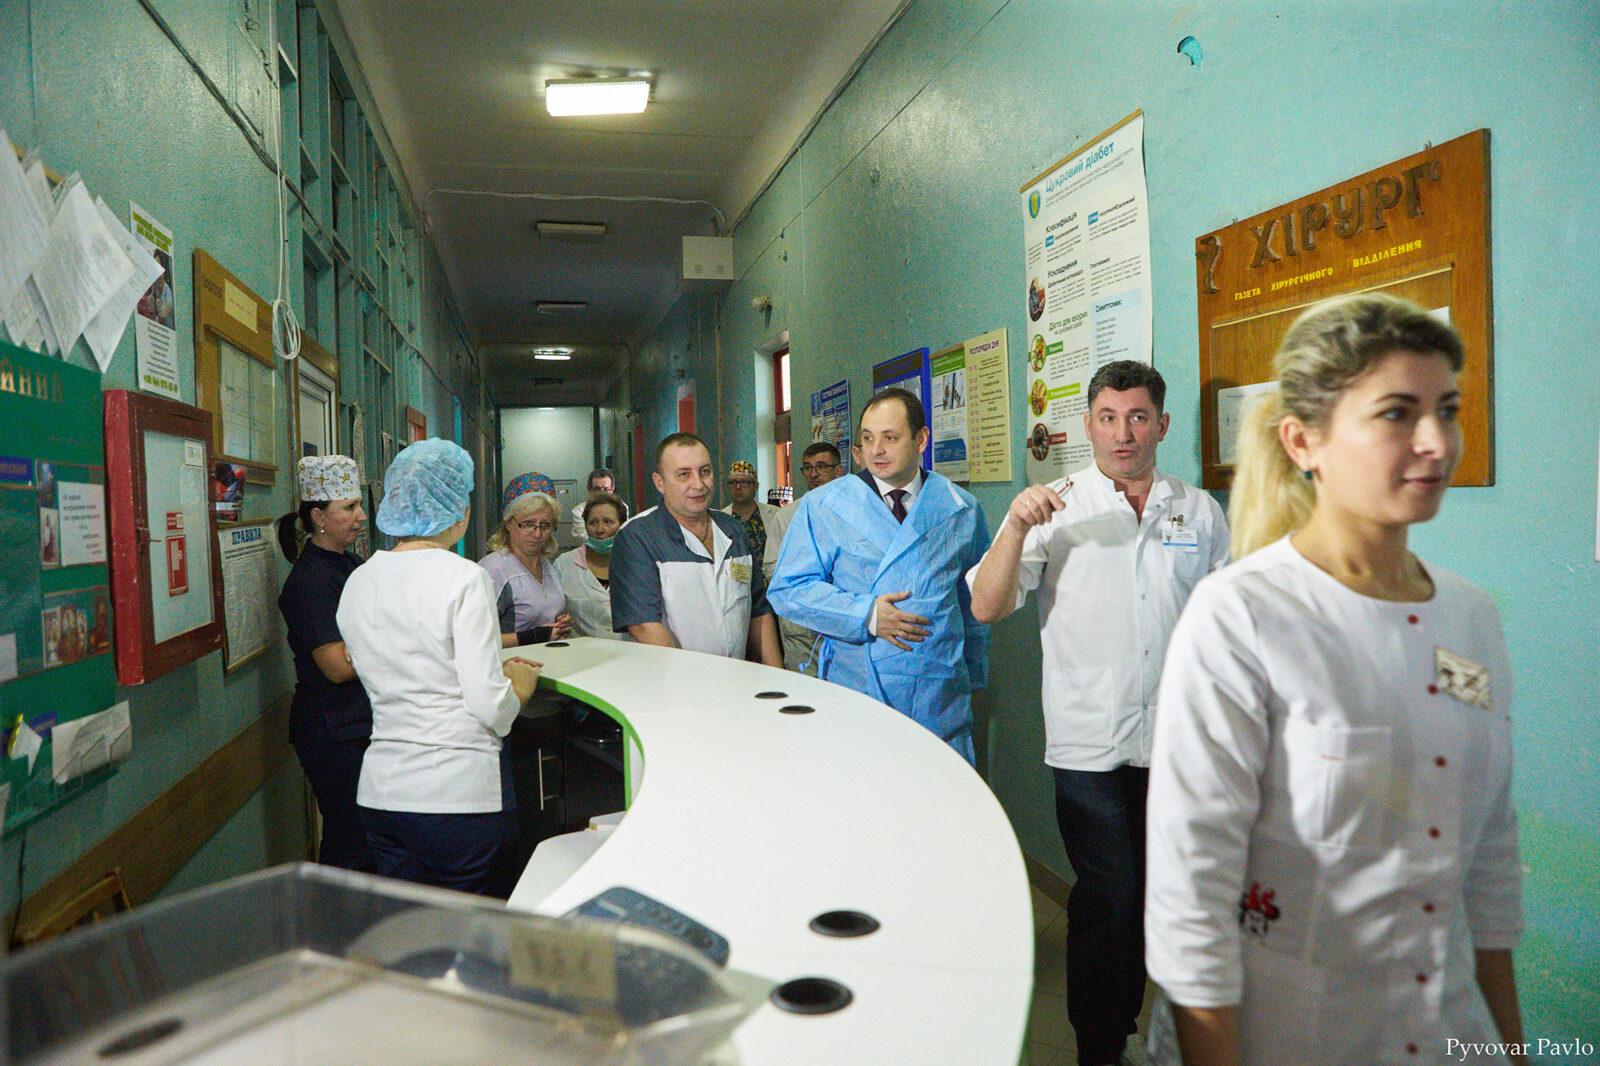 Марцінків проінспектував лікарню на Матейка 2